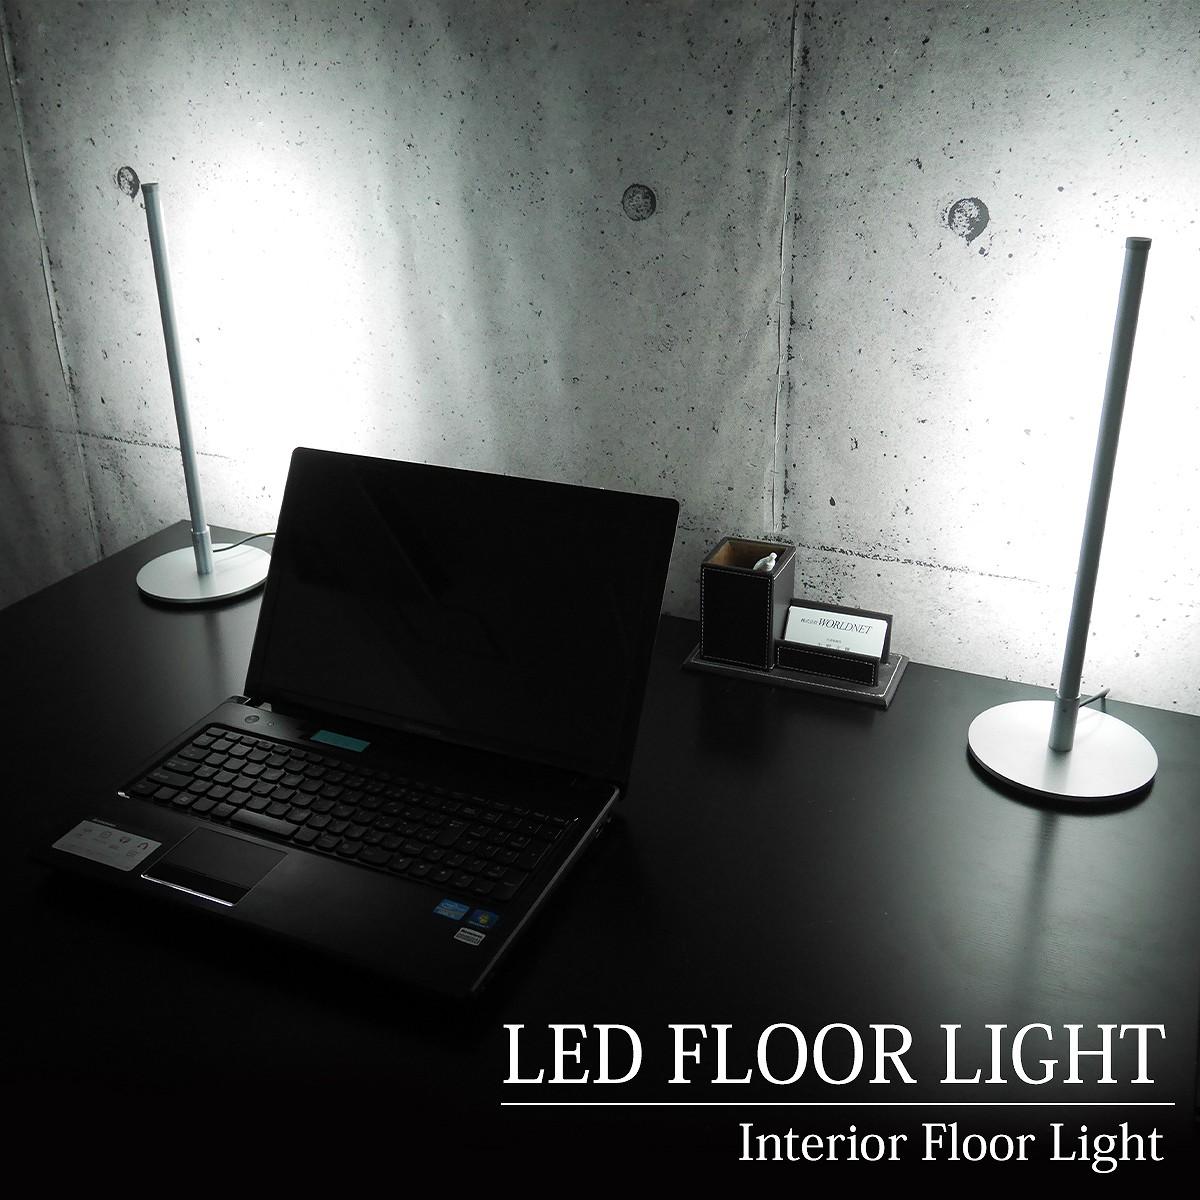 LED フロアライト デスクライト テーブルライト 間接照明 スタンドライト インテリア 寝室 北欧 デザイナー 照明 おしゃれ 単品 FL-50SLC